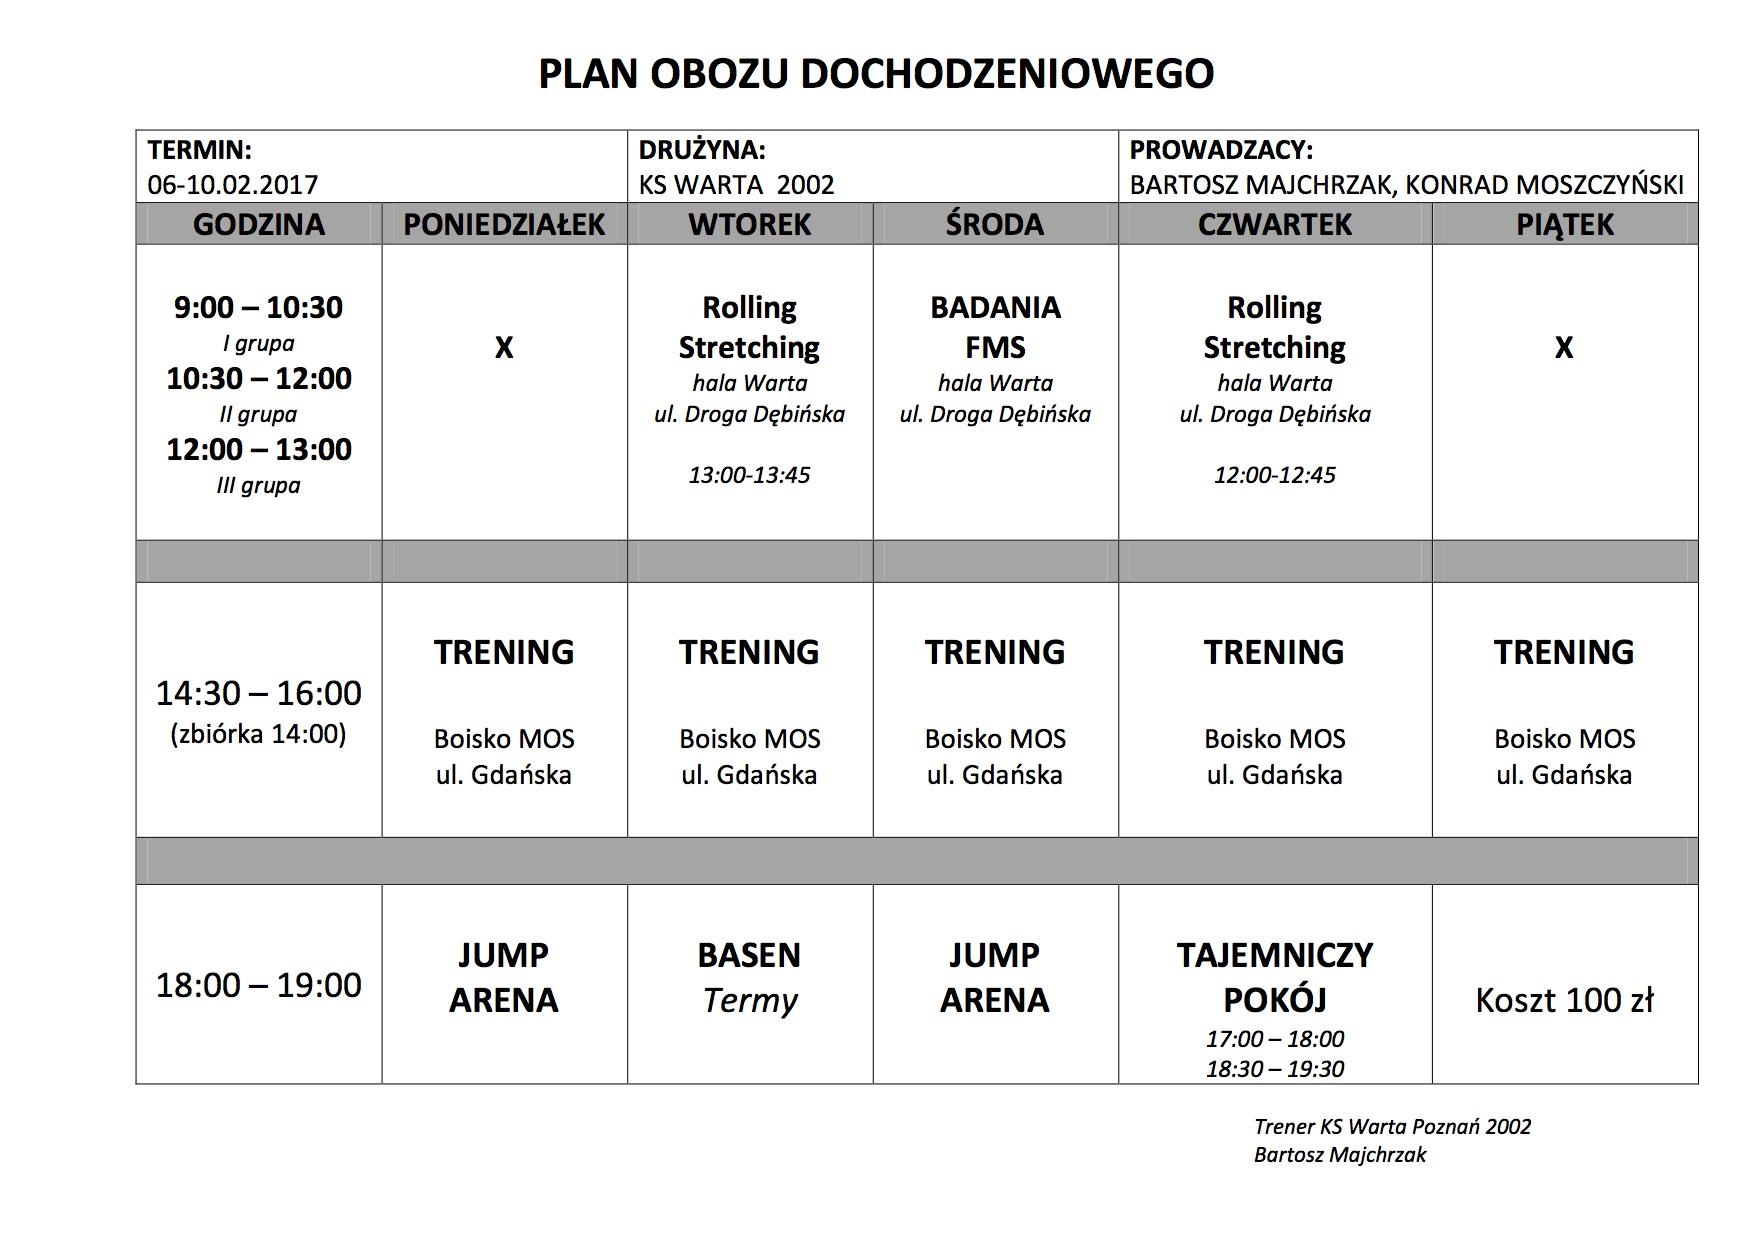 Plan obozu 06-10.02.2017